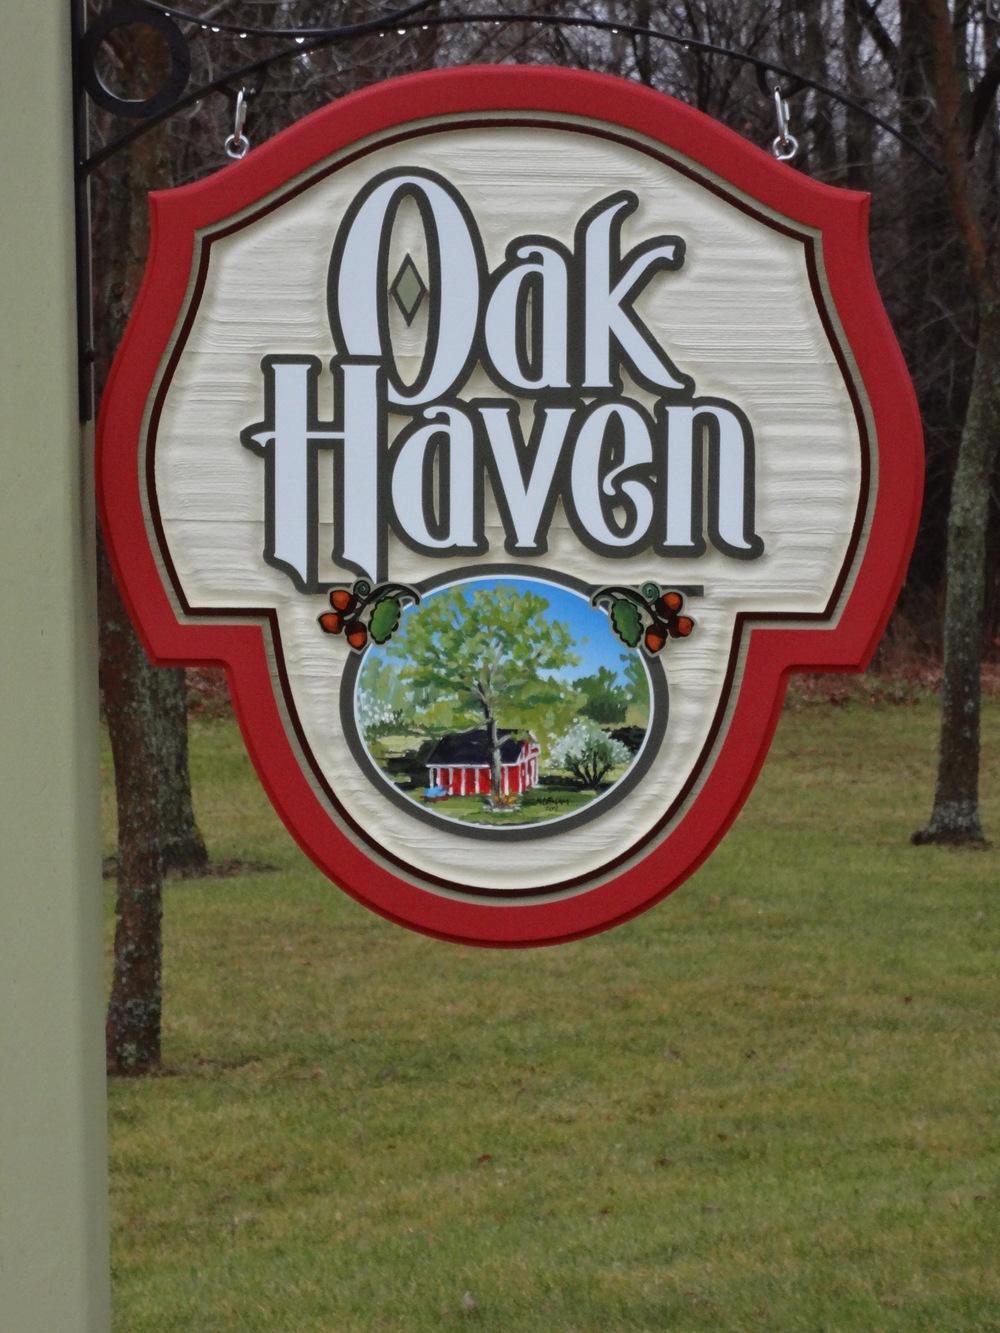 oak haven.jpg